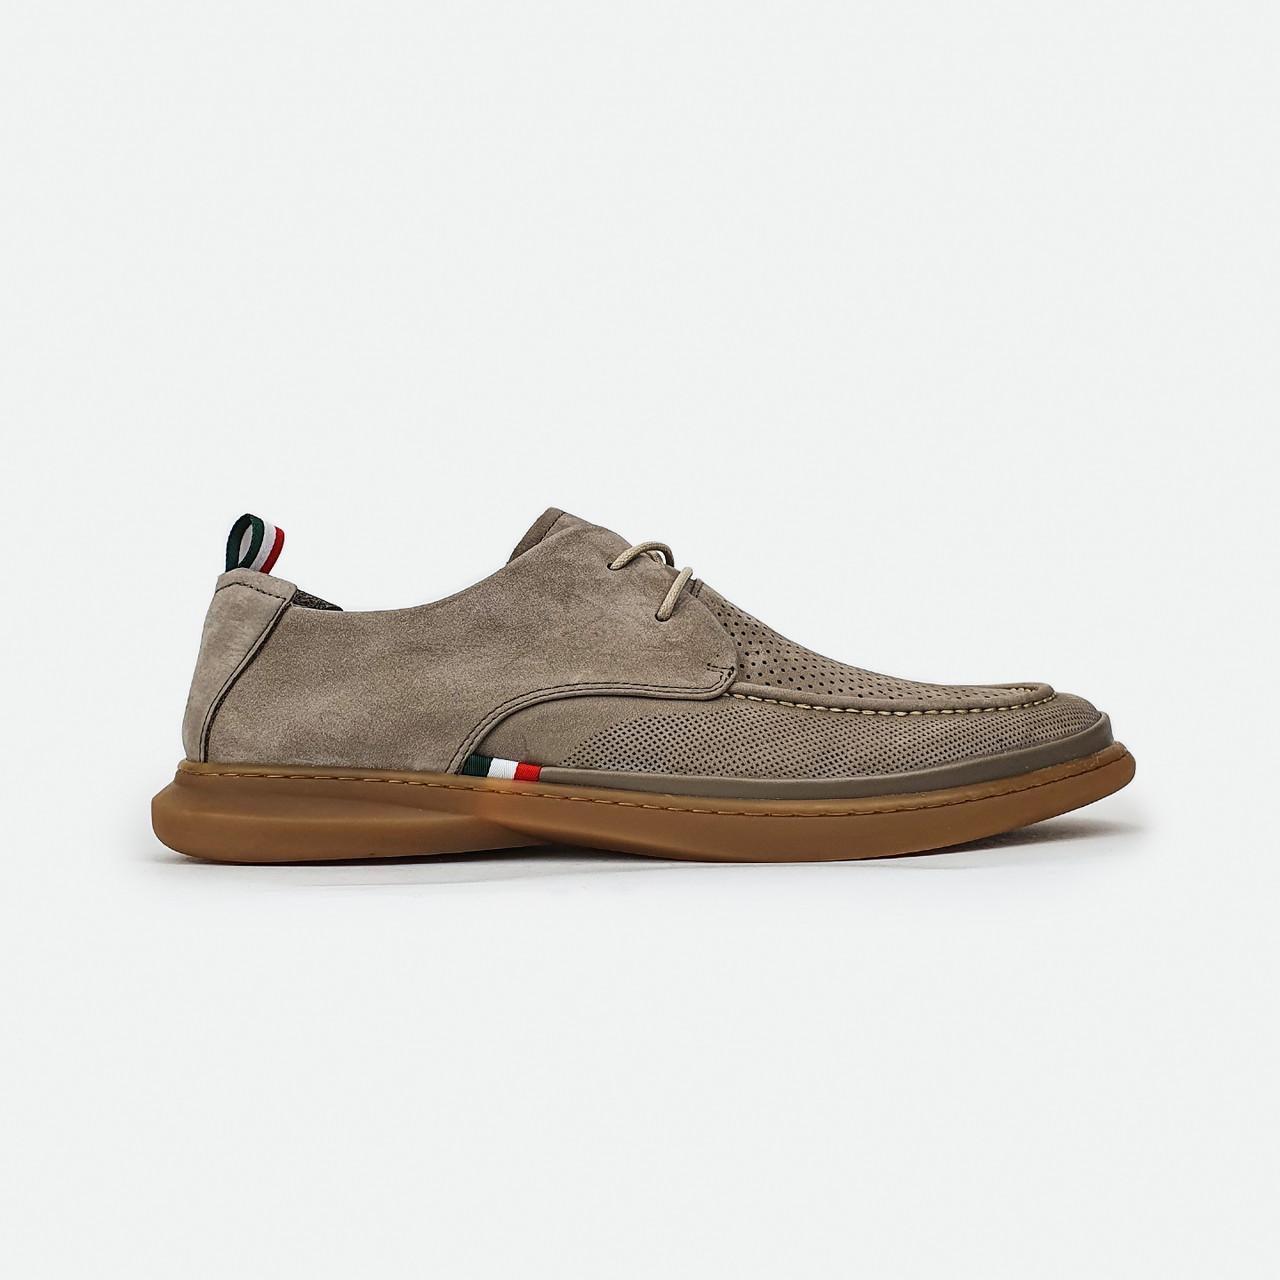 Стильные мужские туфли комфорт с перфорацией бежевые на шнурках Cosottinni 2053AKW-0507